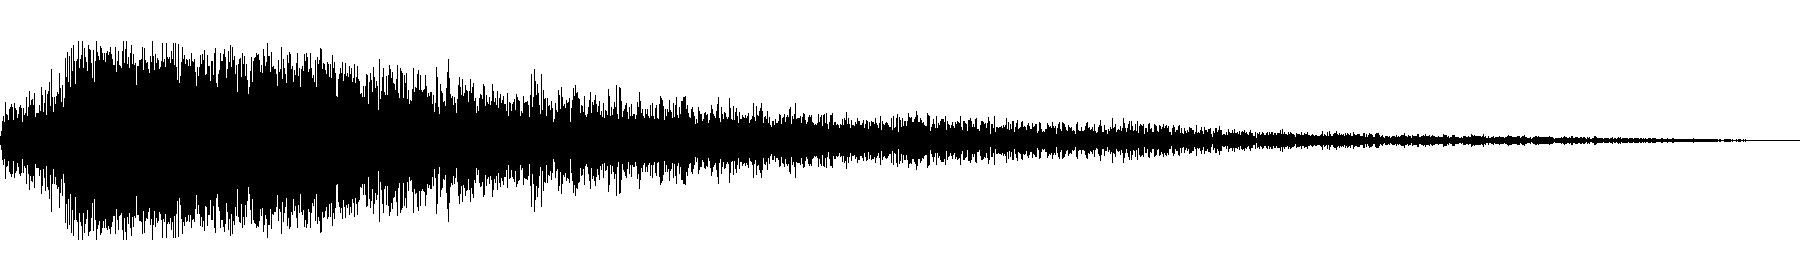 vfx1 atmos 21